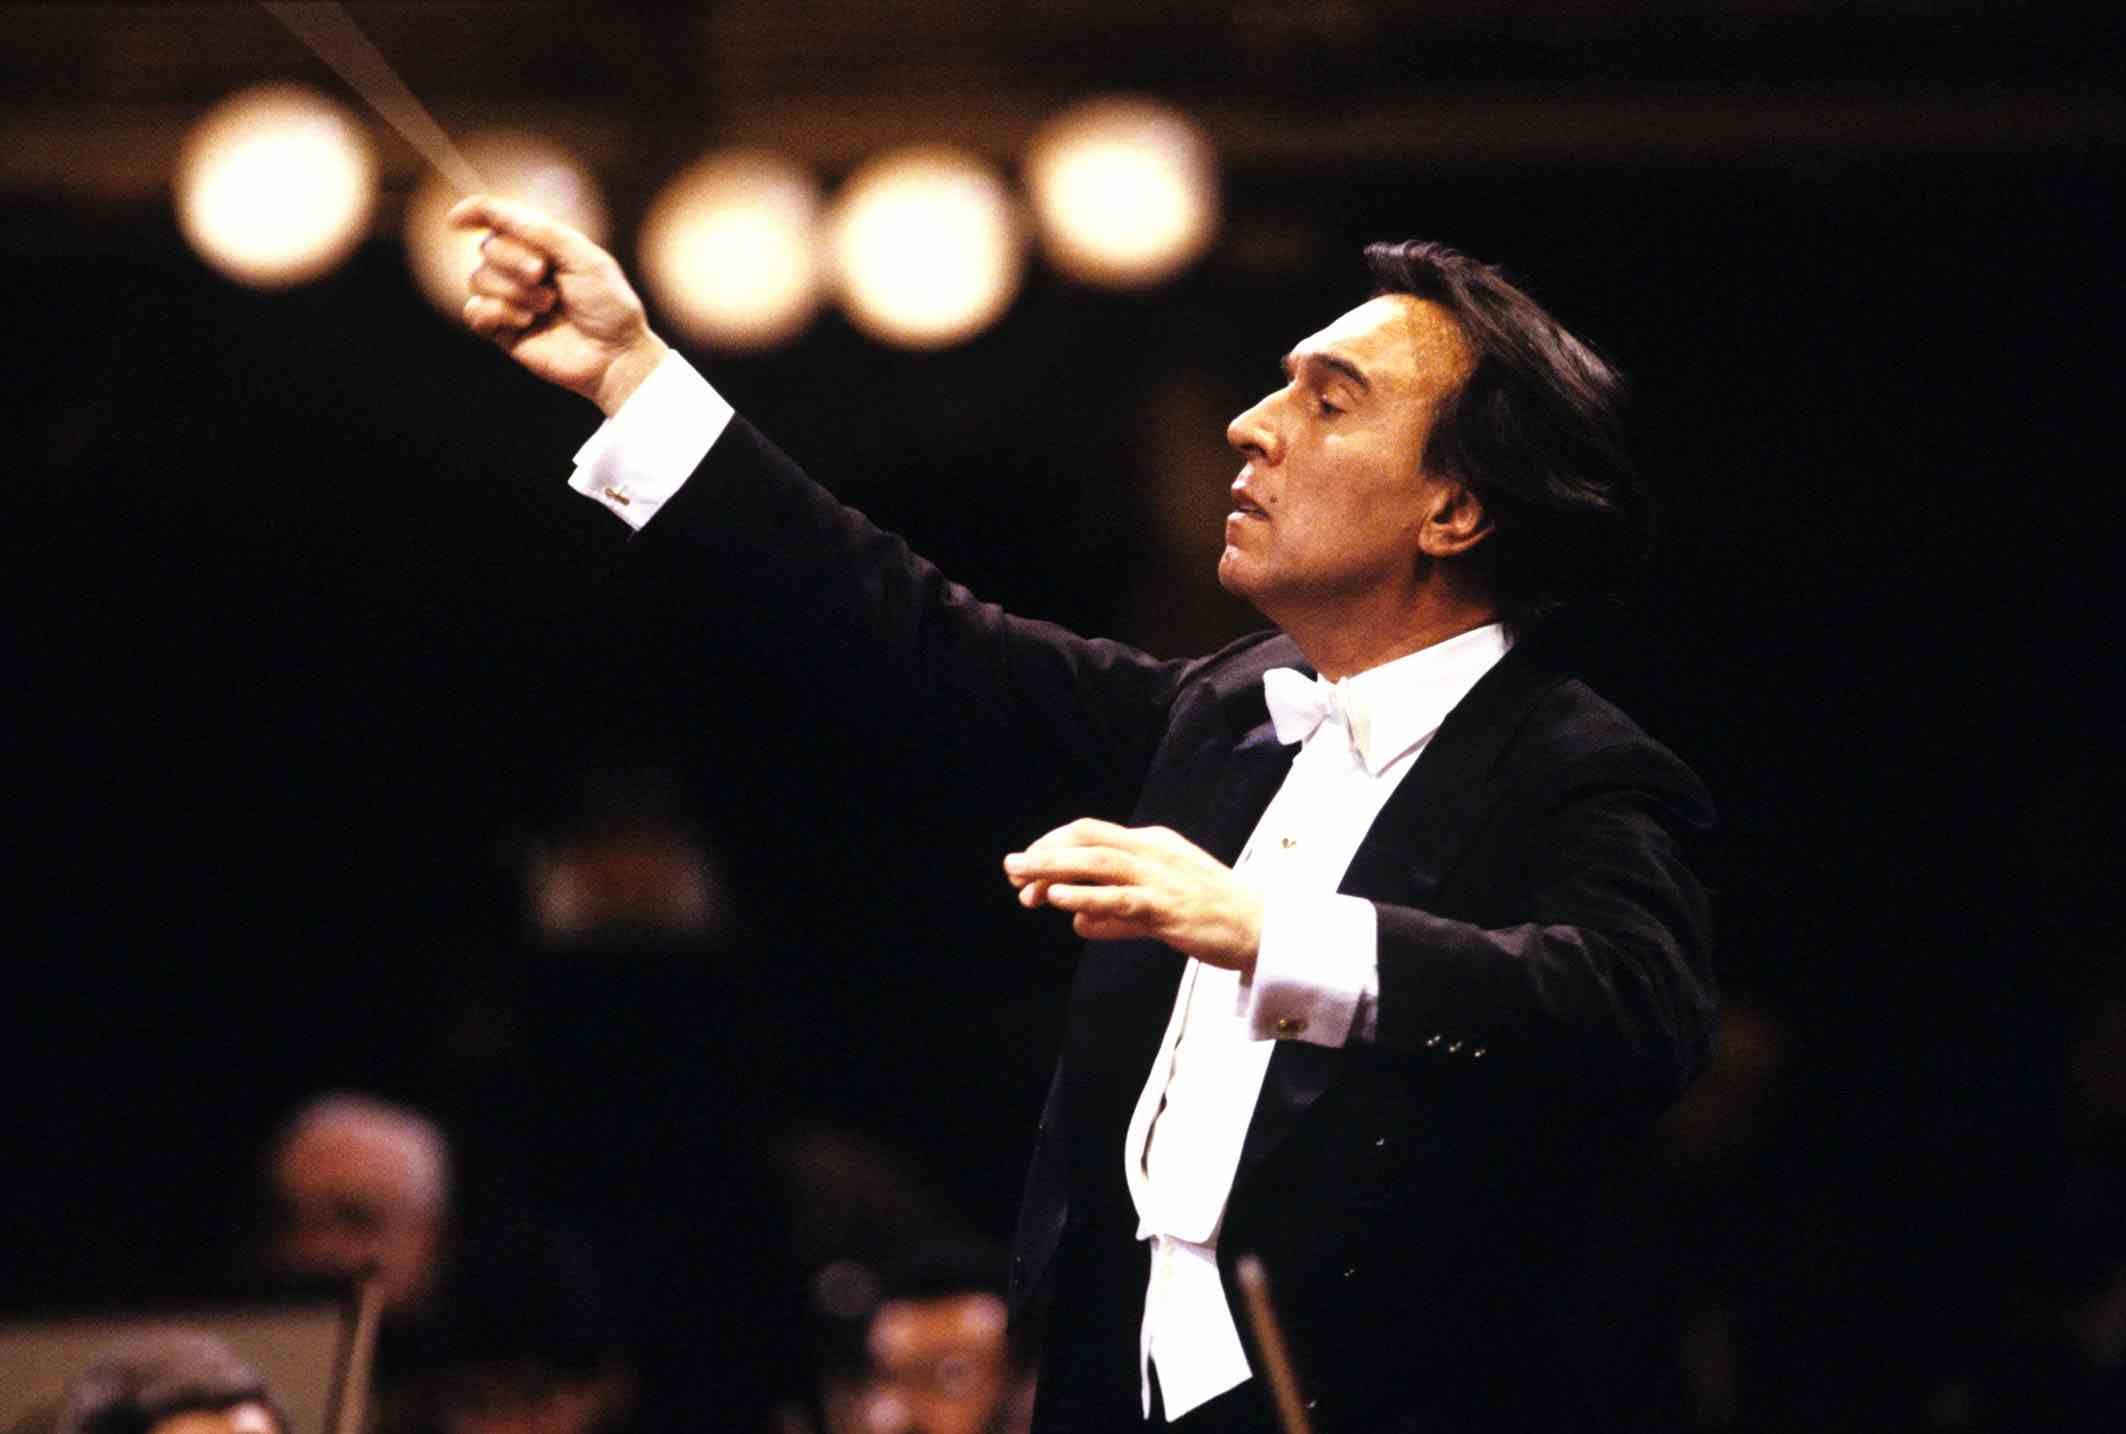 베를린 필하모닉 이끈 명 지휘자 클라우디오 아바도의 추모분향소입니다.